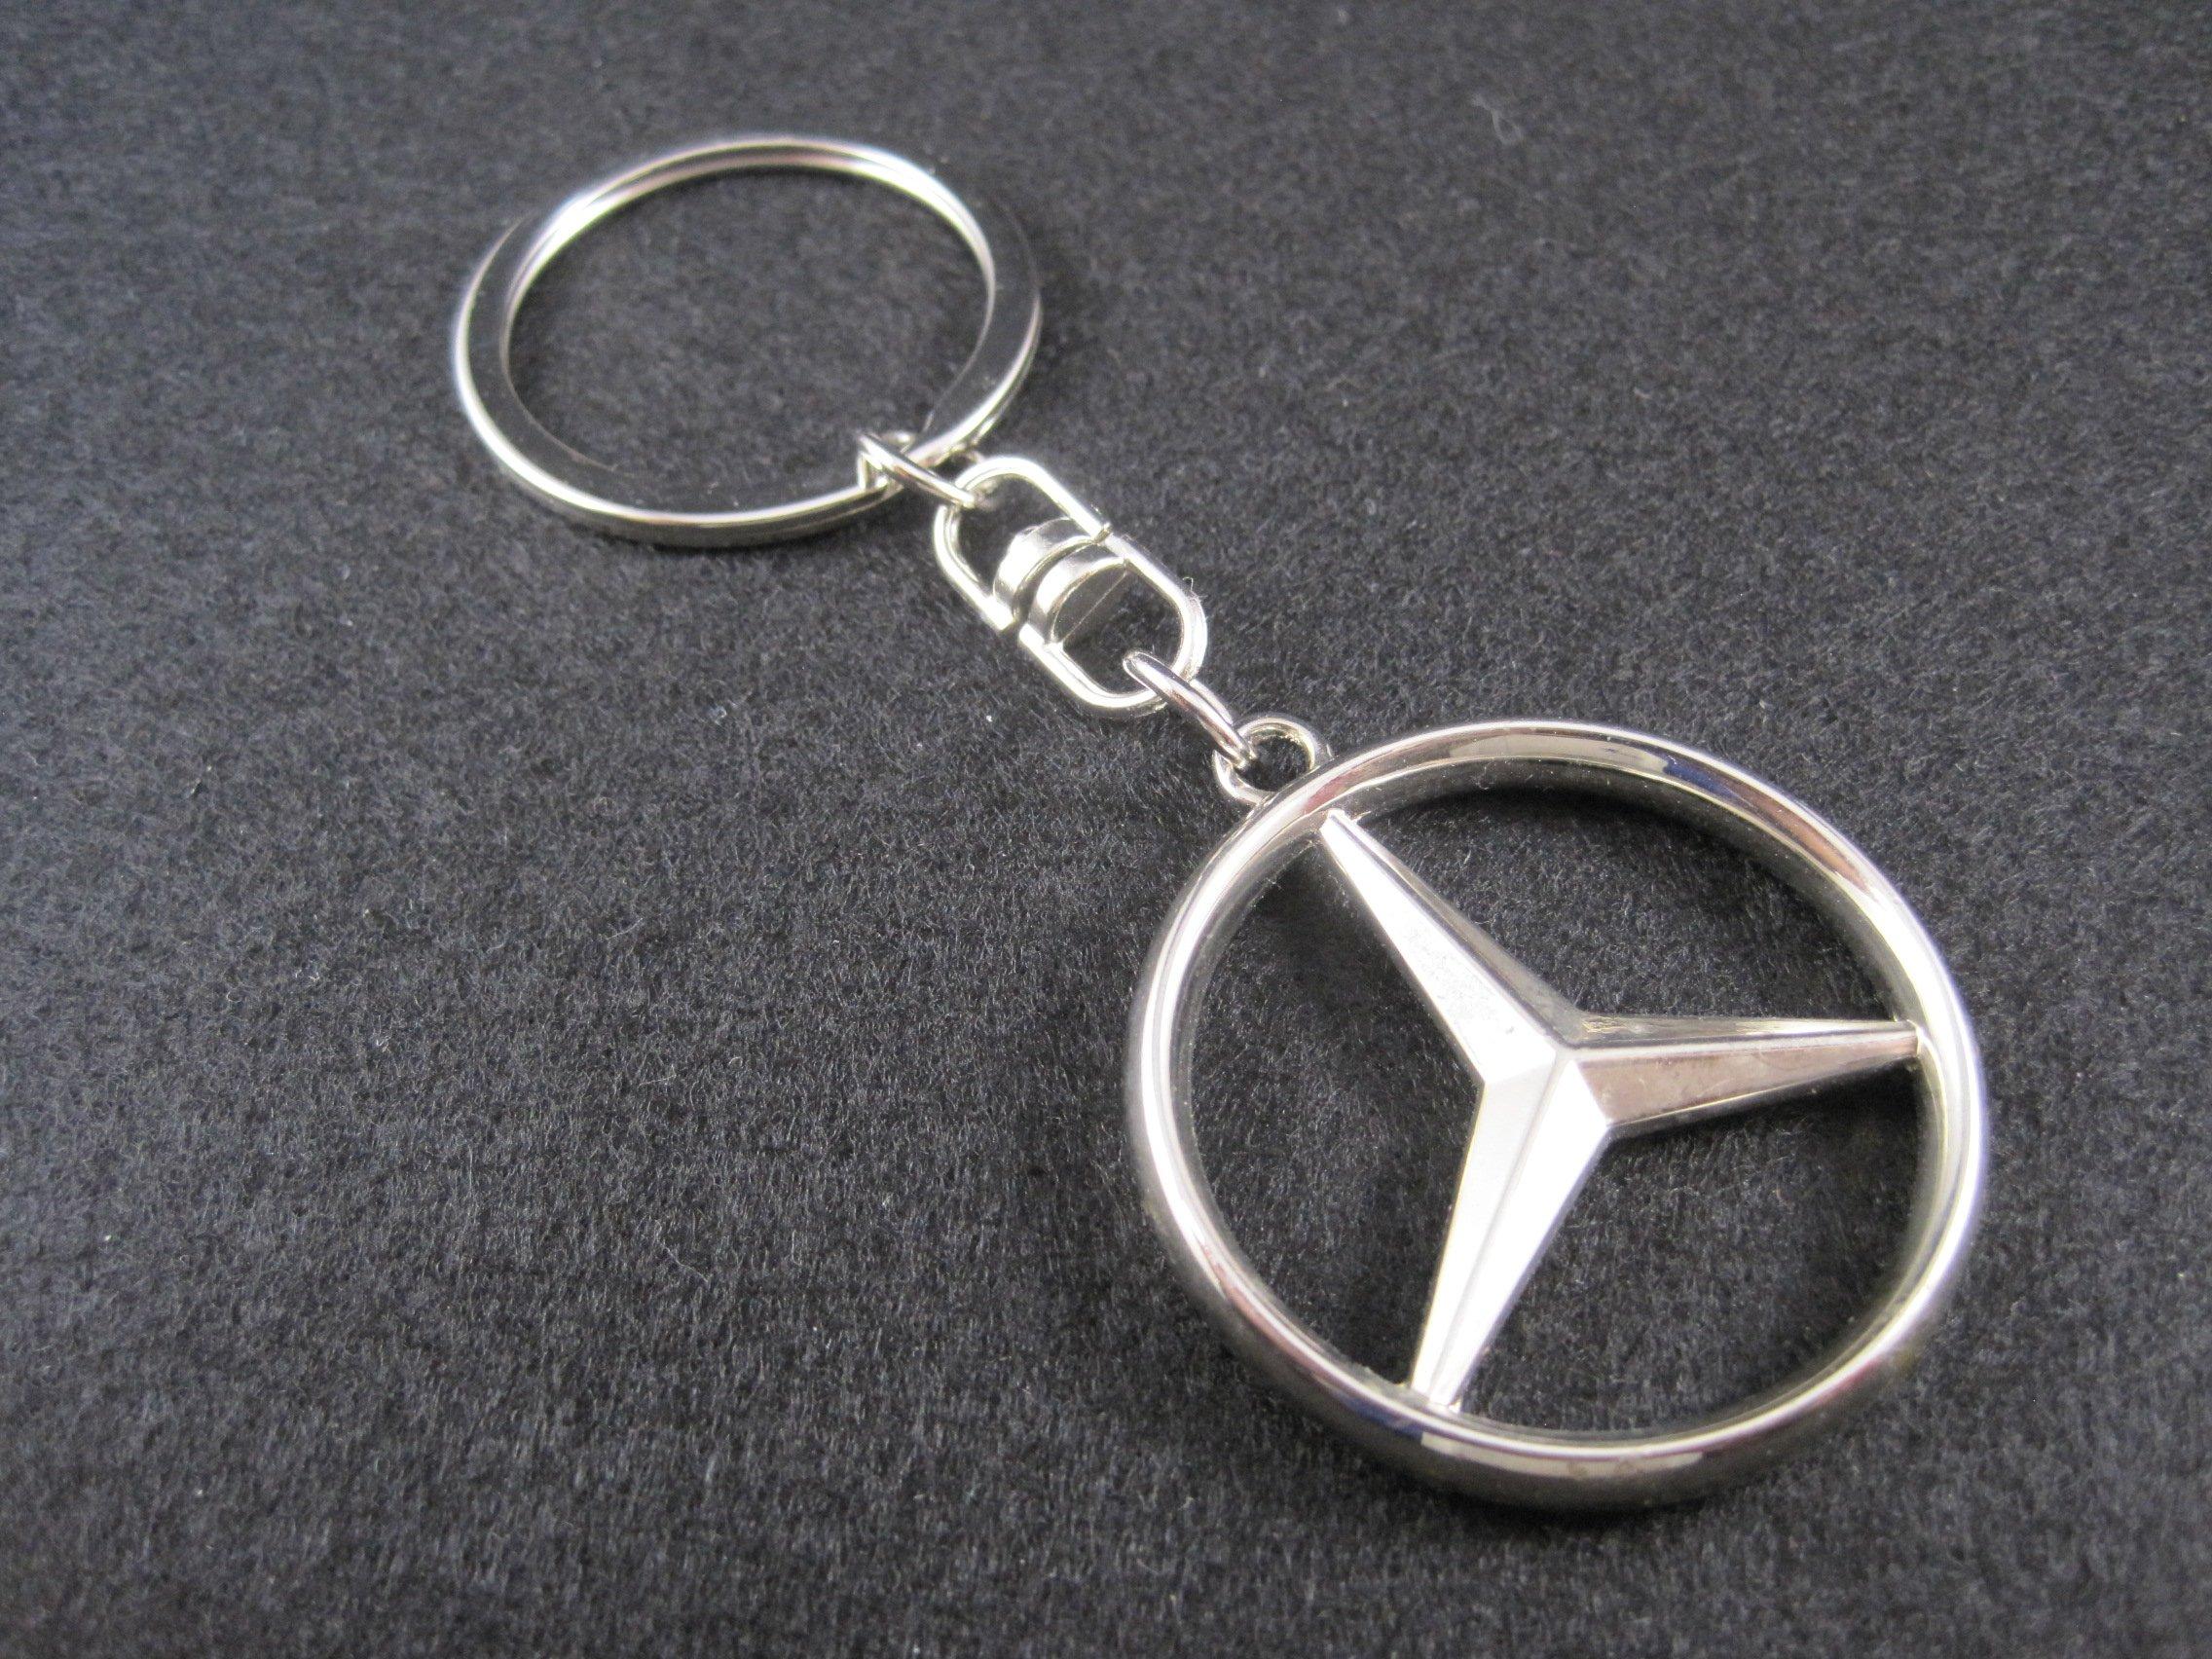 Llavero de metal compatible con Mercedes (M1) lla001-24: Amazon.es ...